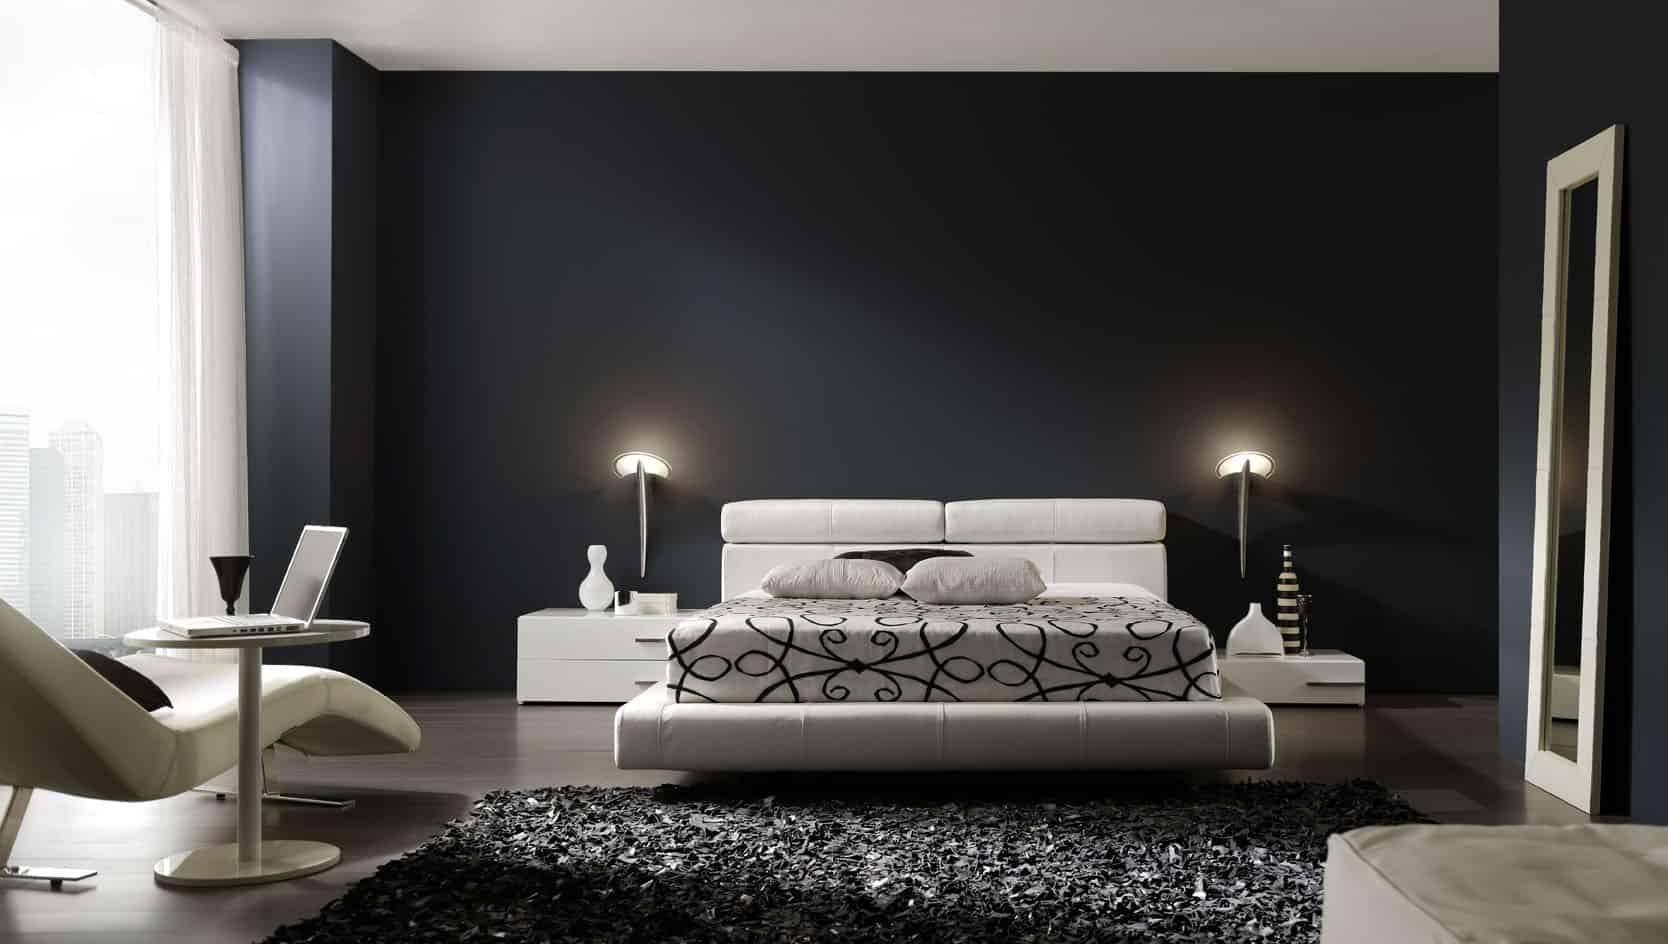 Todo sobre el interiorismo barcelona mviv - Dormitorio en blanco y negro ...